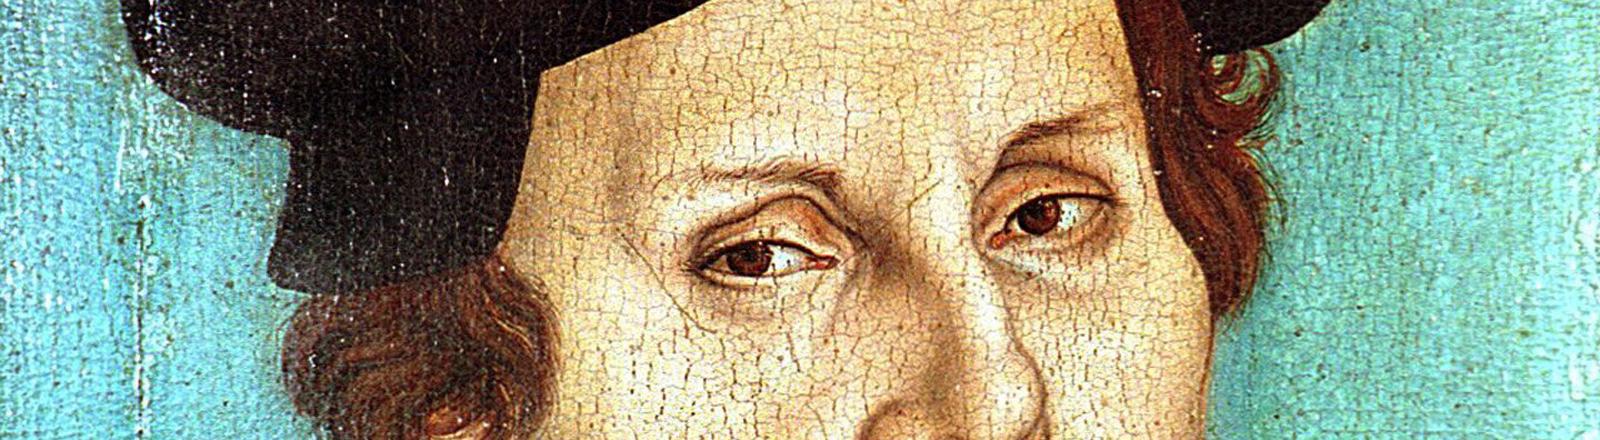 Der Reformator Martin Luther in einer Darstellung von Lukas Cranach d.Ae. (Ölgemälde auf Holz von 1528).